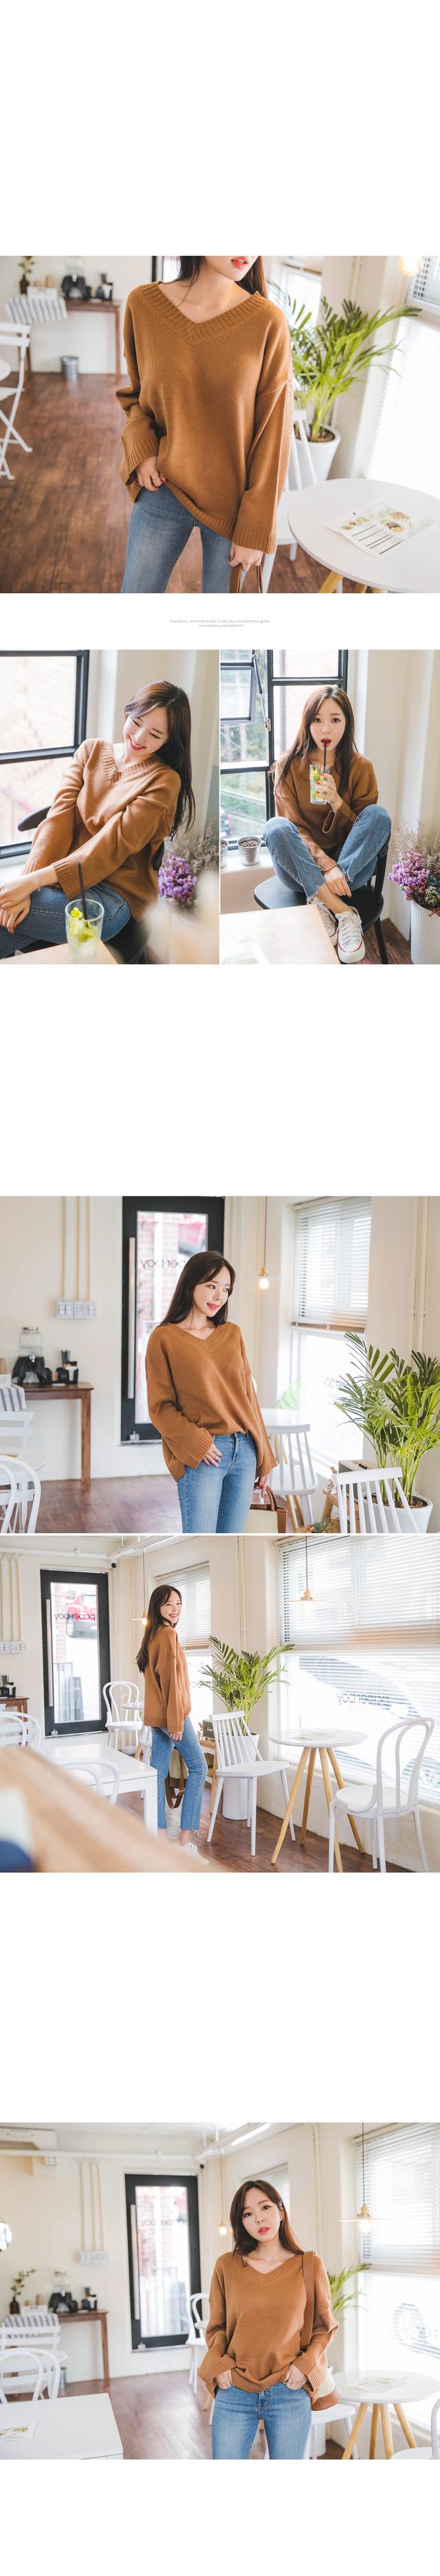 Lee Byeong Yang Vnit